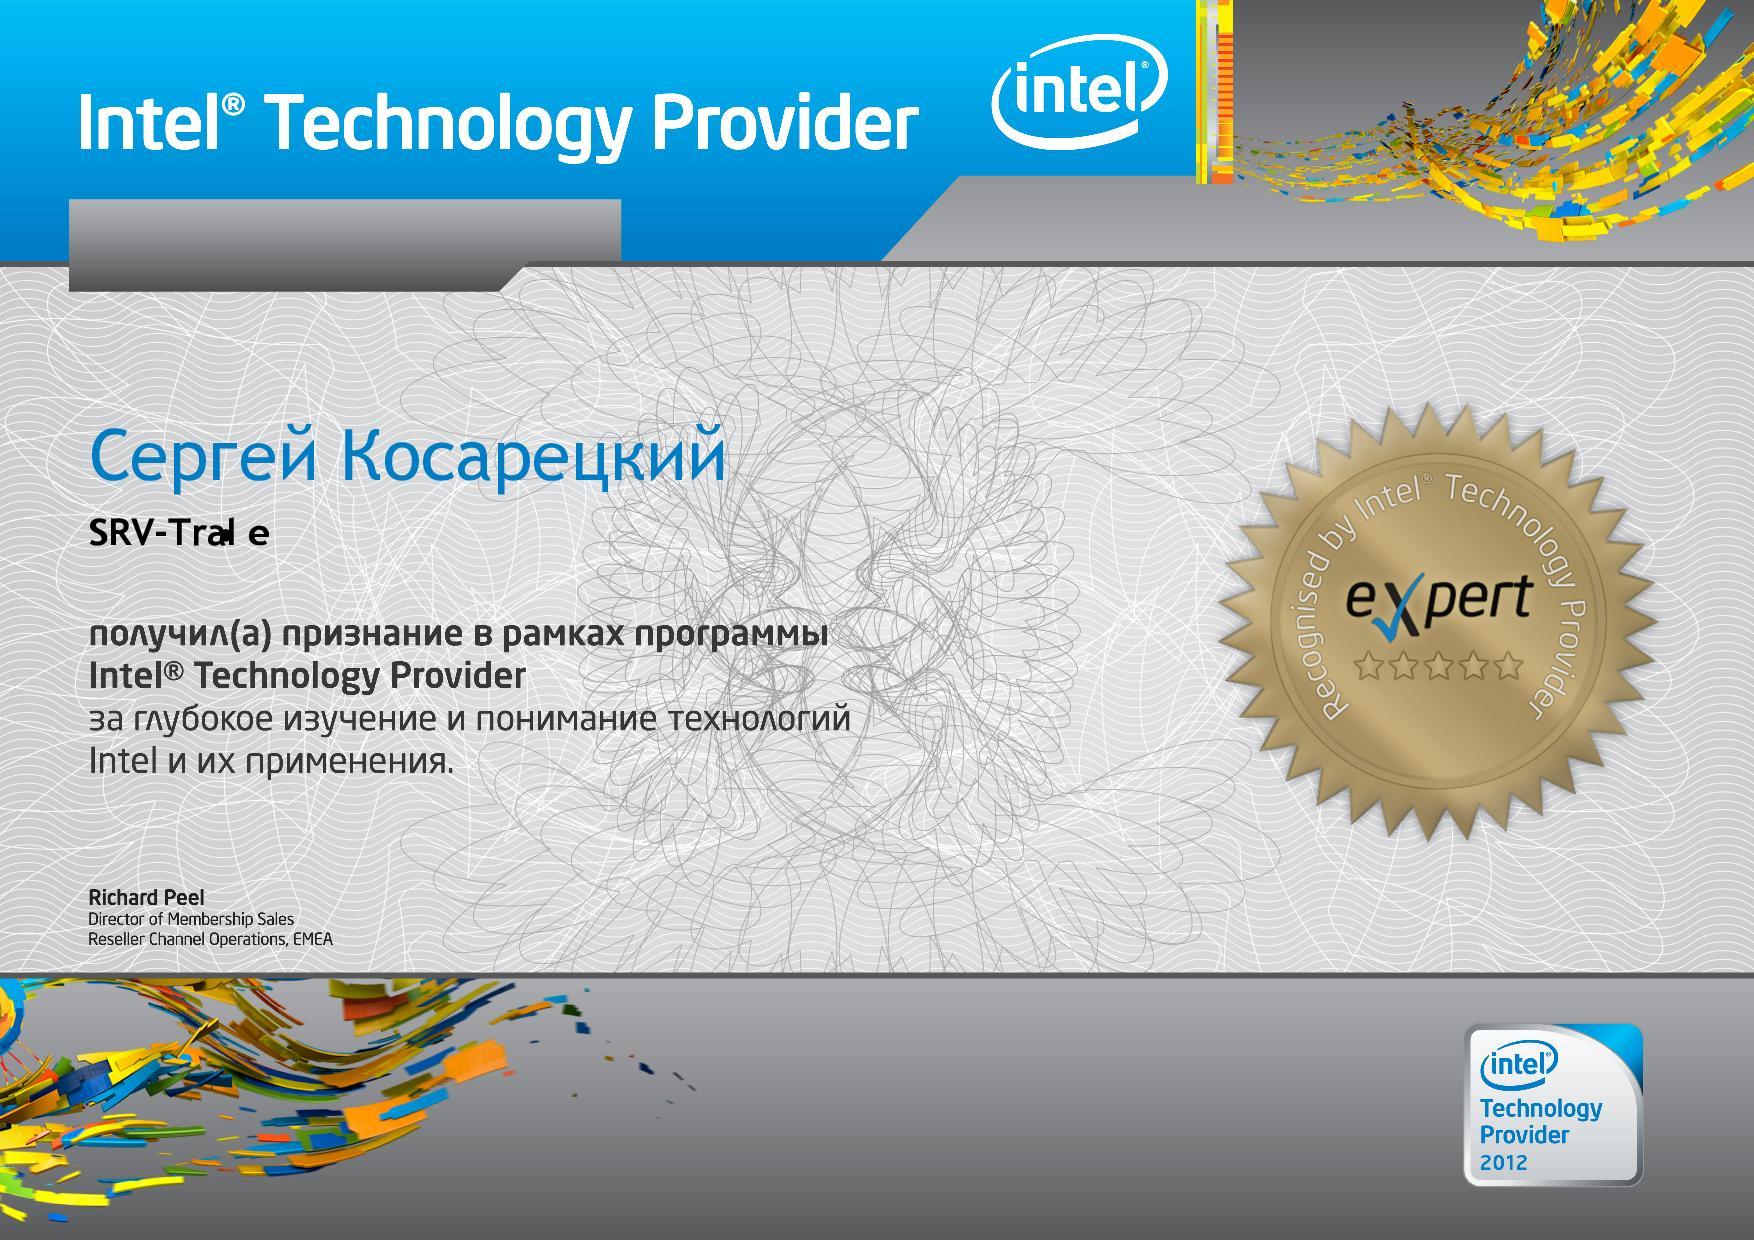 Сергей Косарецкий, Intel сертифицированный специалист